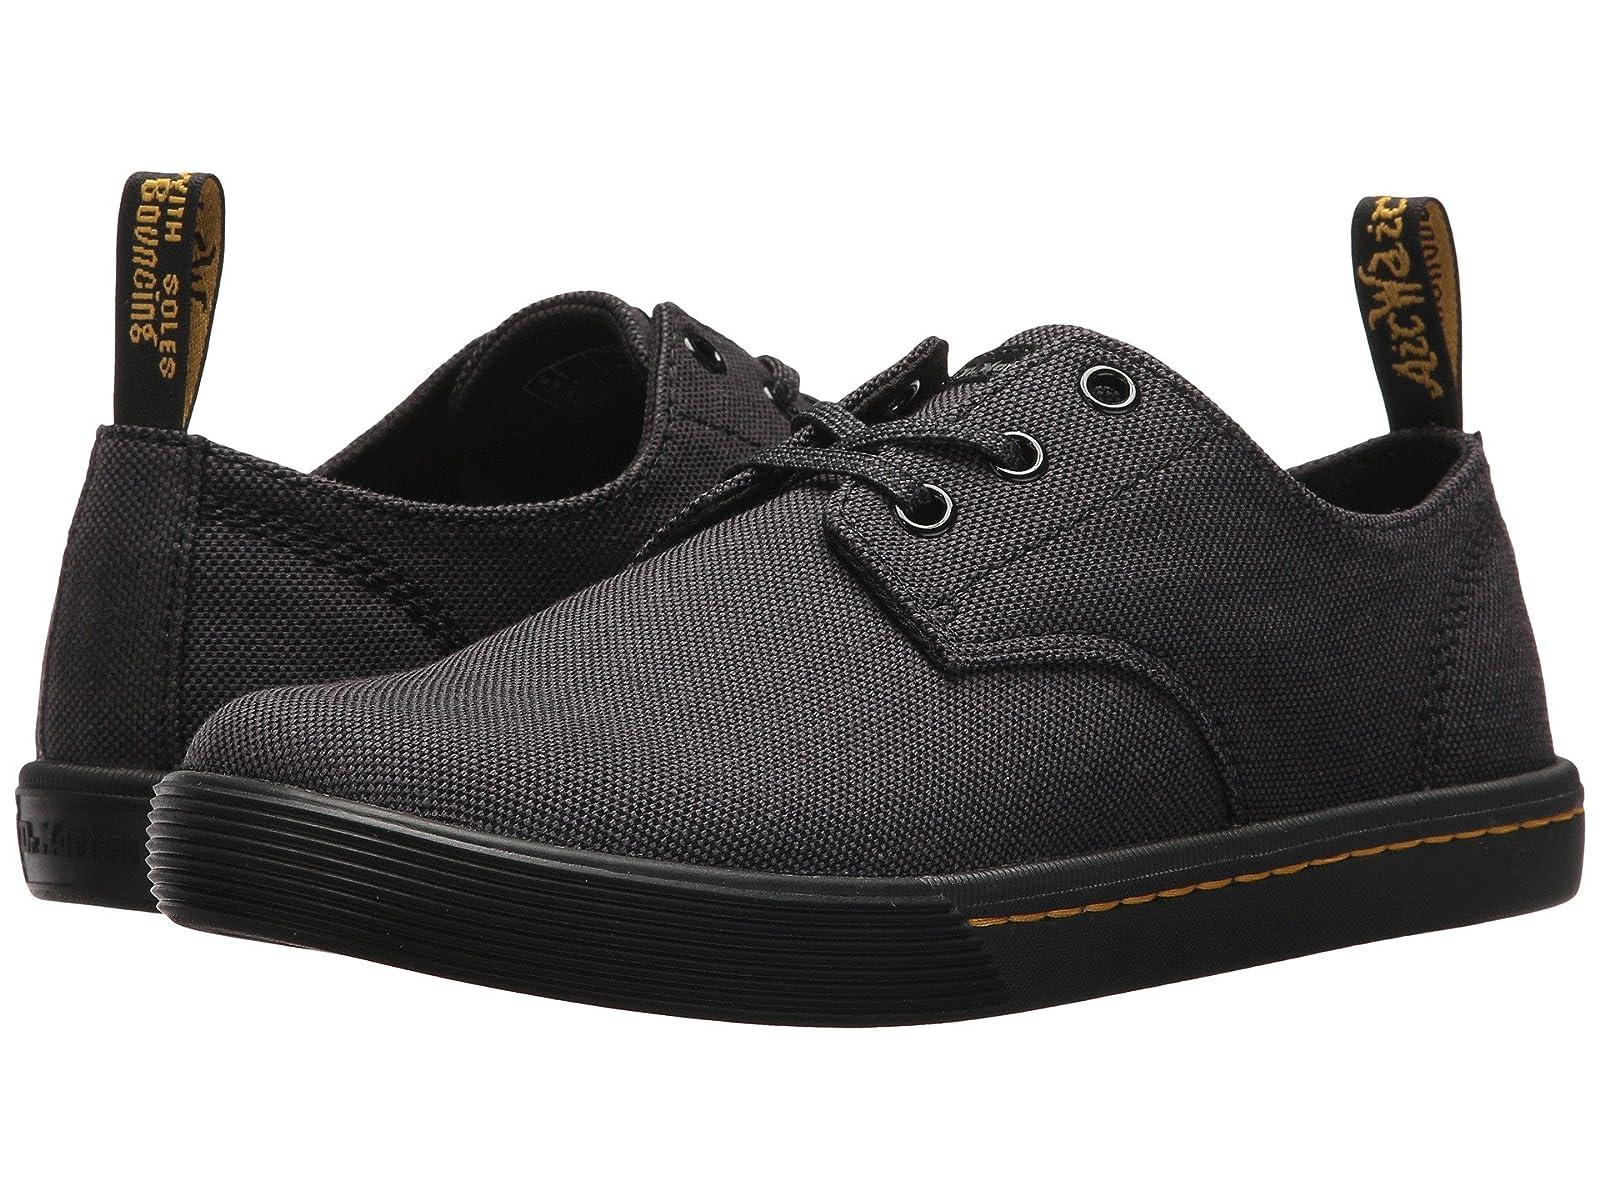 Dr. Martens SantanitaAtmospheric grades have affordable shoes